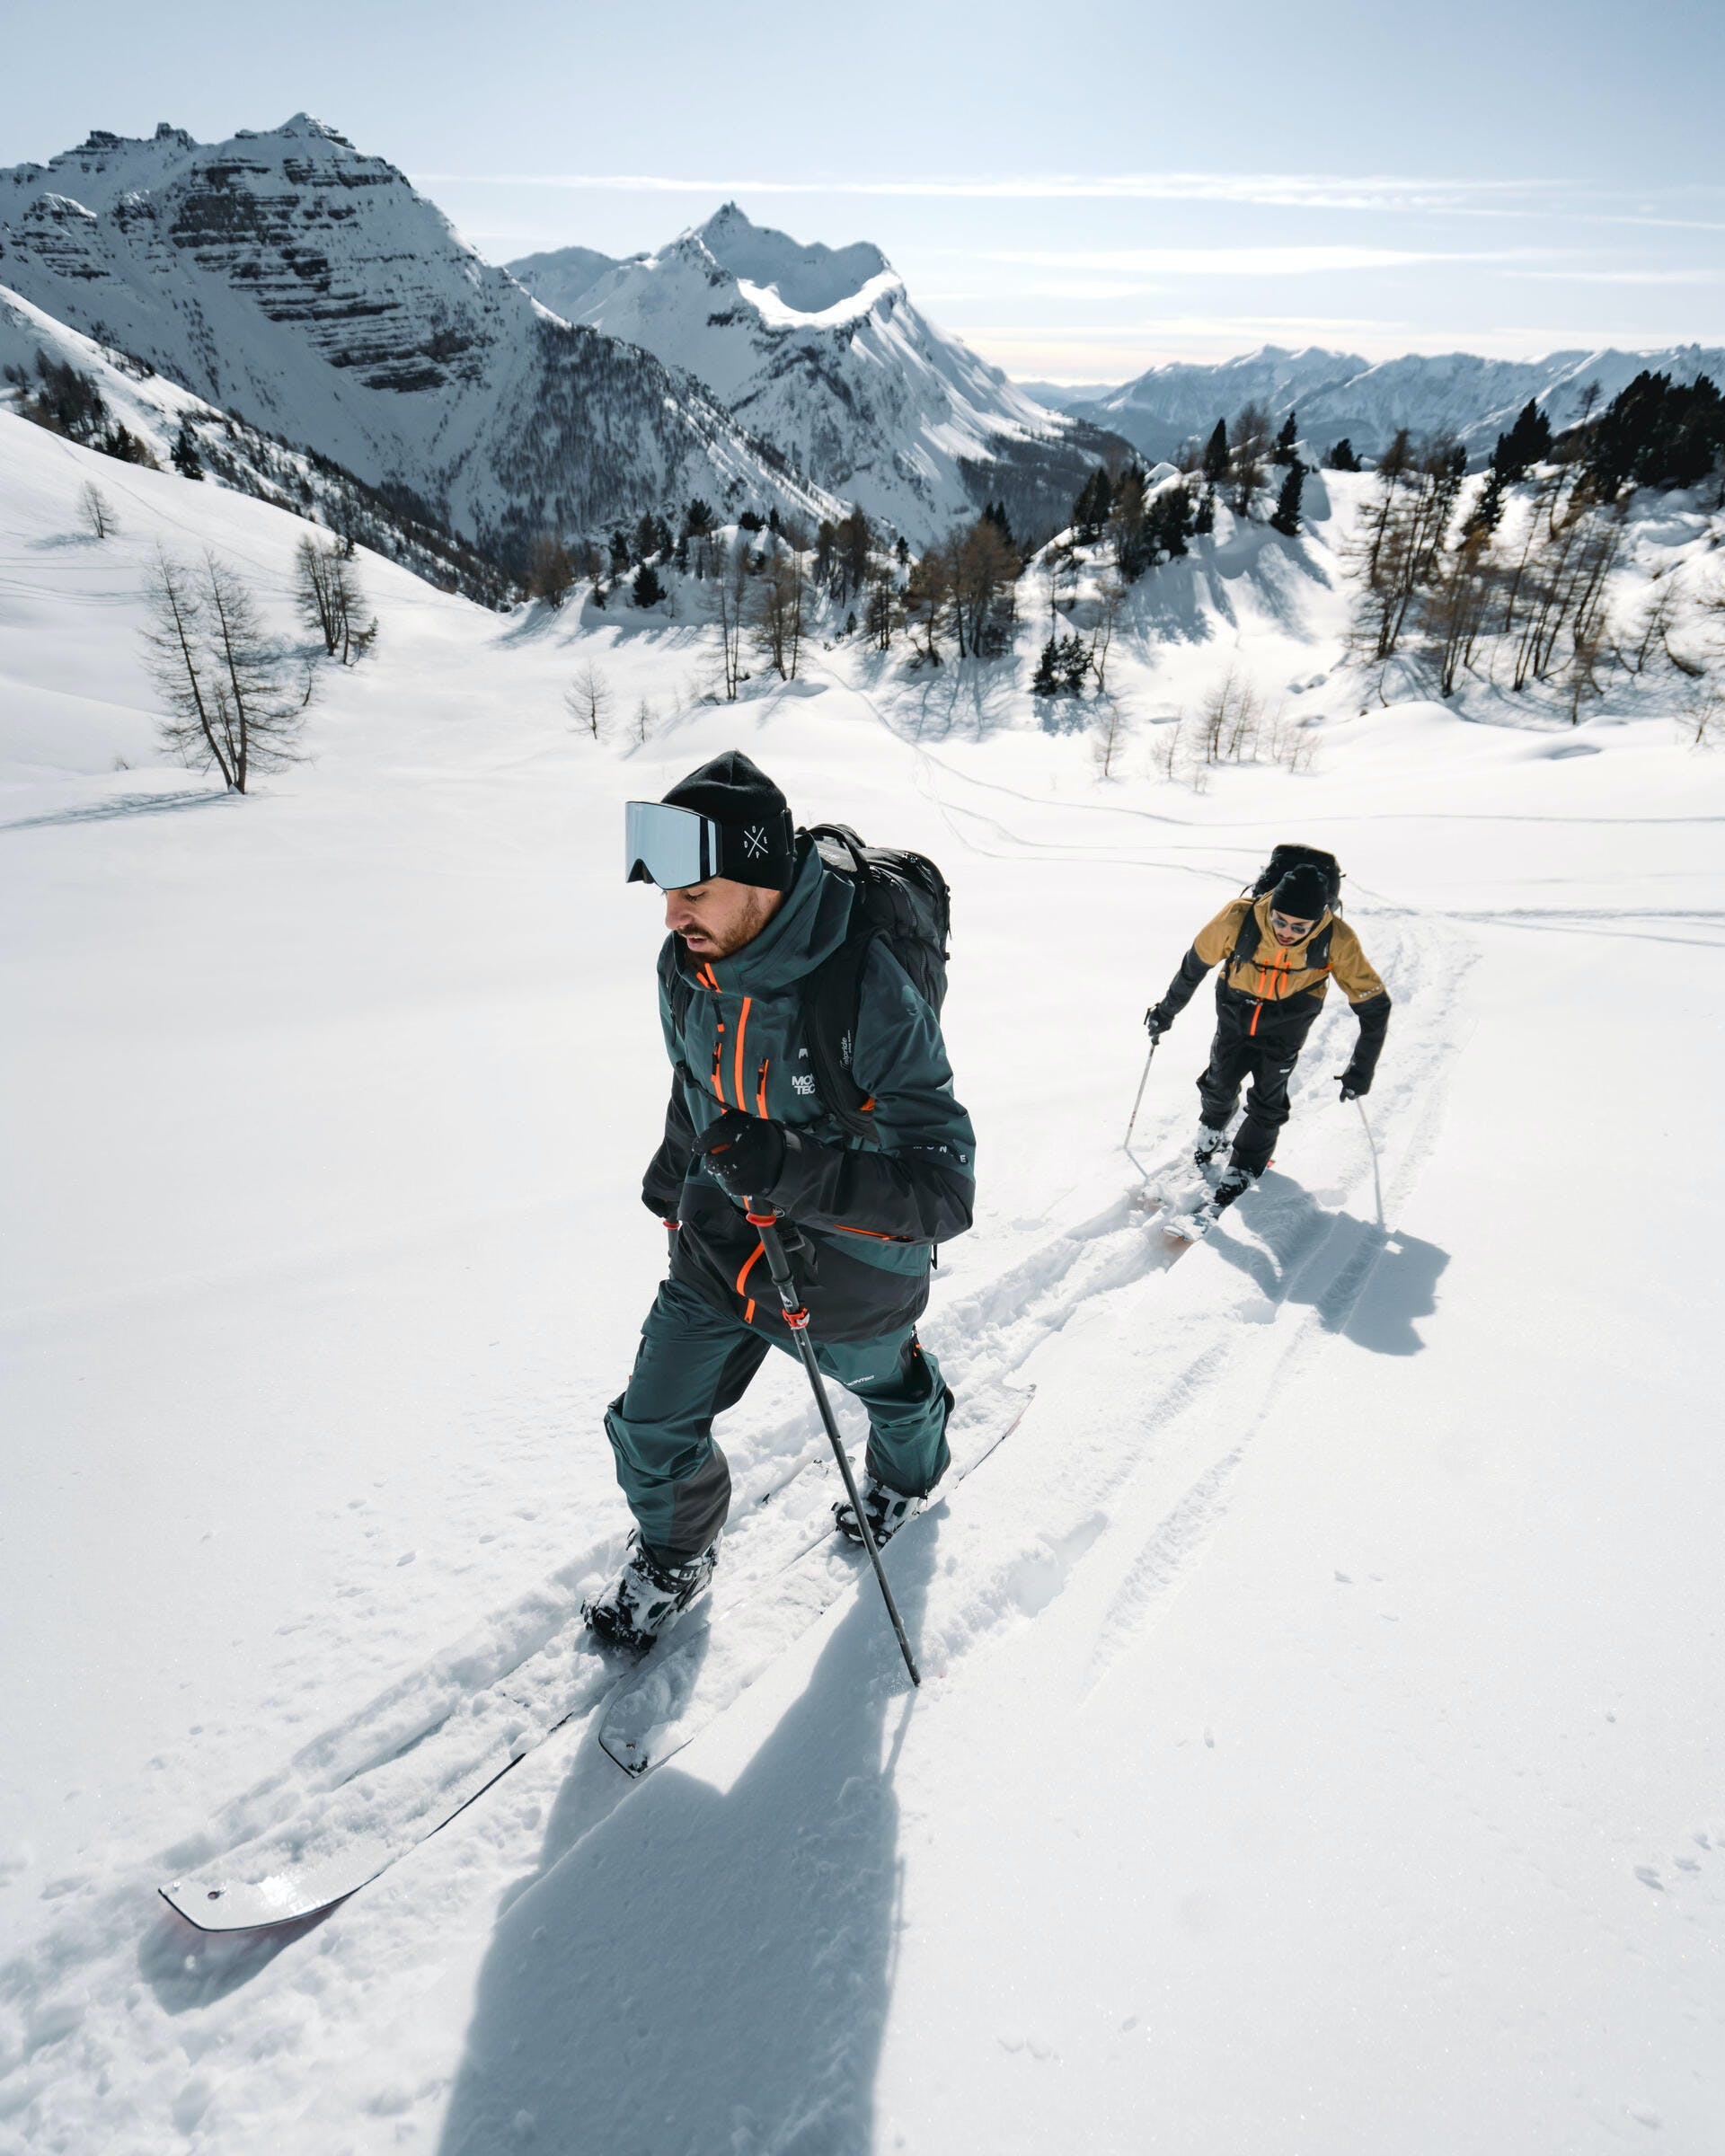 die-beliebtesten-wintersportarten-ridestore-magazin